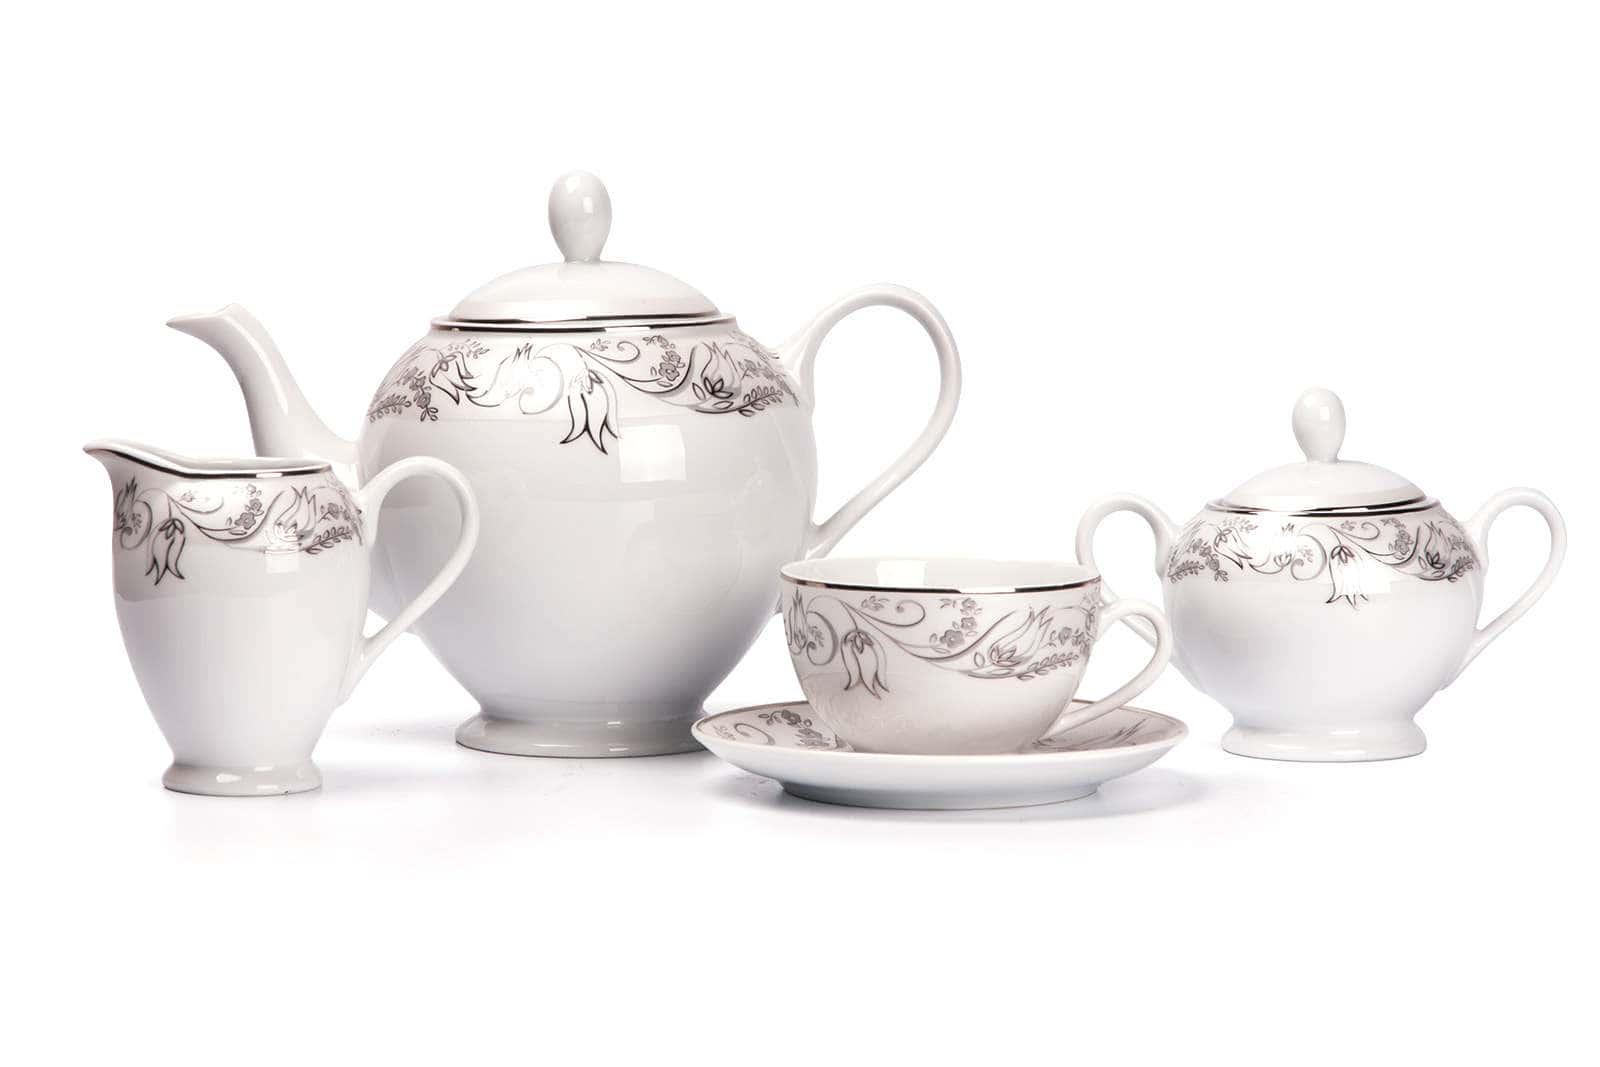 ISIS Сервиз чайный 15 предмета 1589 Тунис